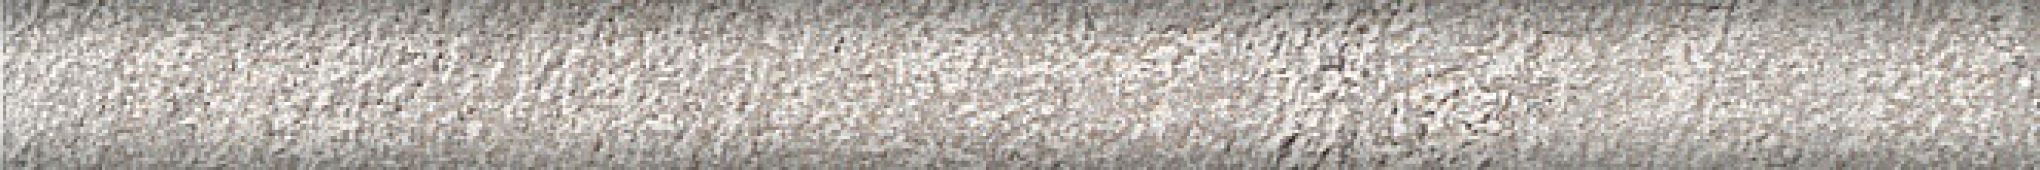 Бордюр Гренель серый обрезной 30*2,5